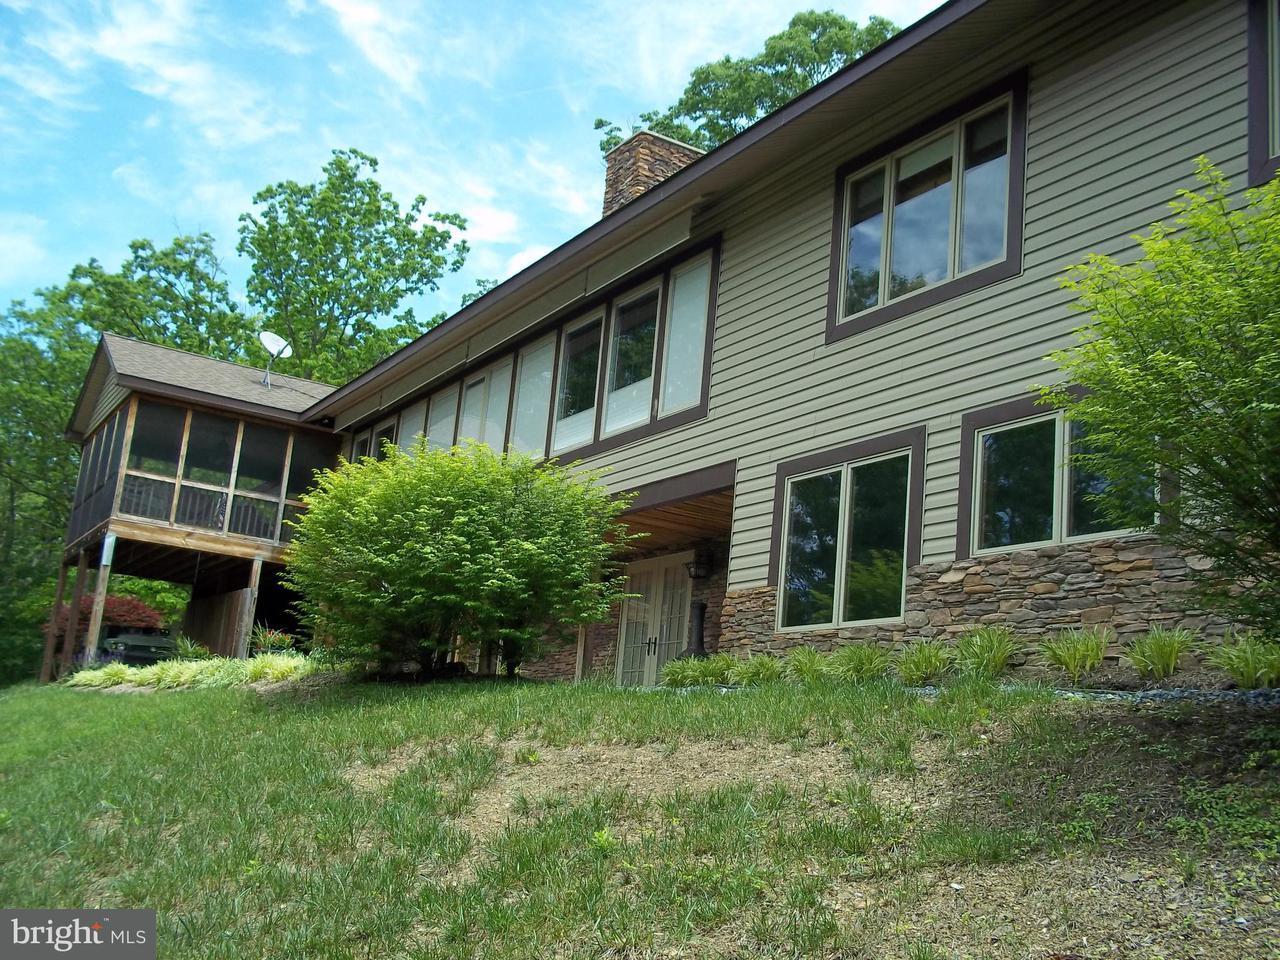 一戸建て のために 売買 アット 270 Morgan Road 270 Morgan Road Cross Junction, バージニア 22625 アメリカ合衆国